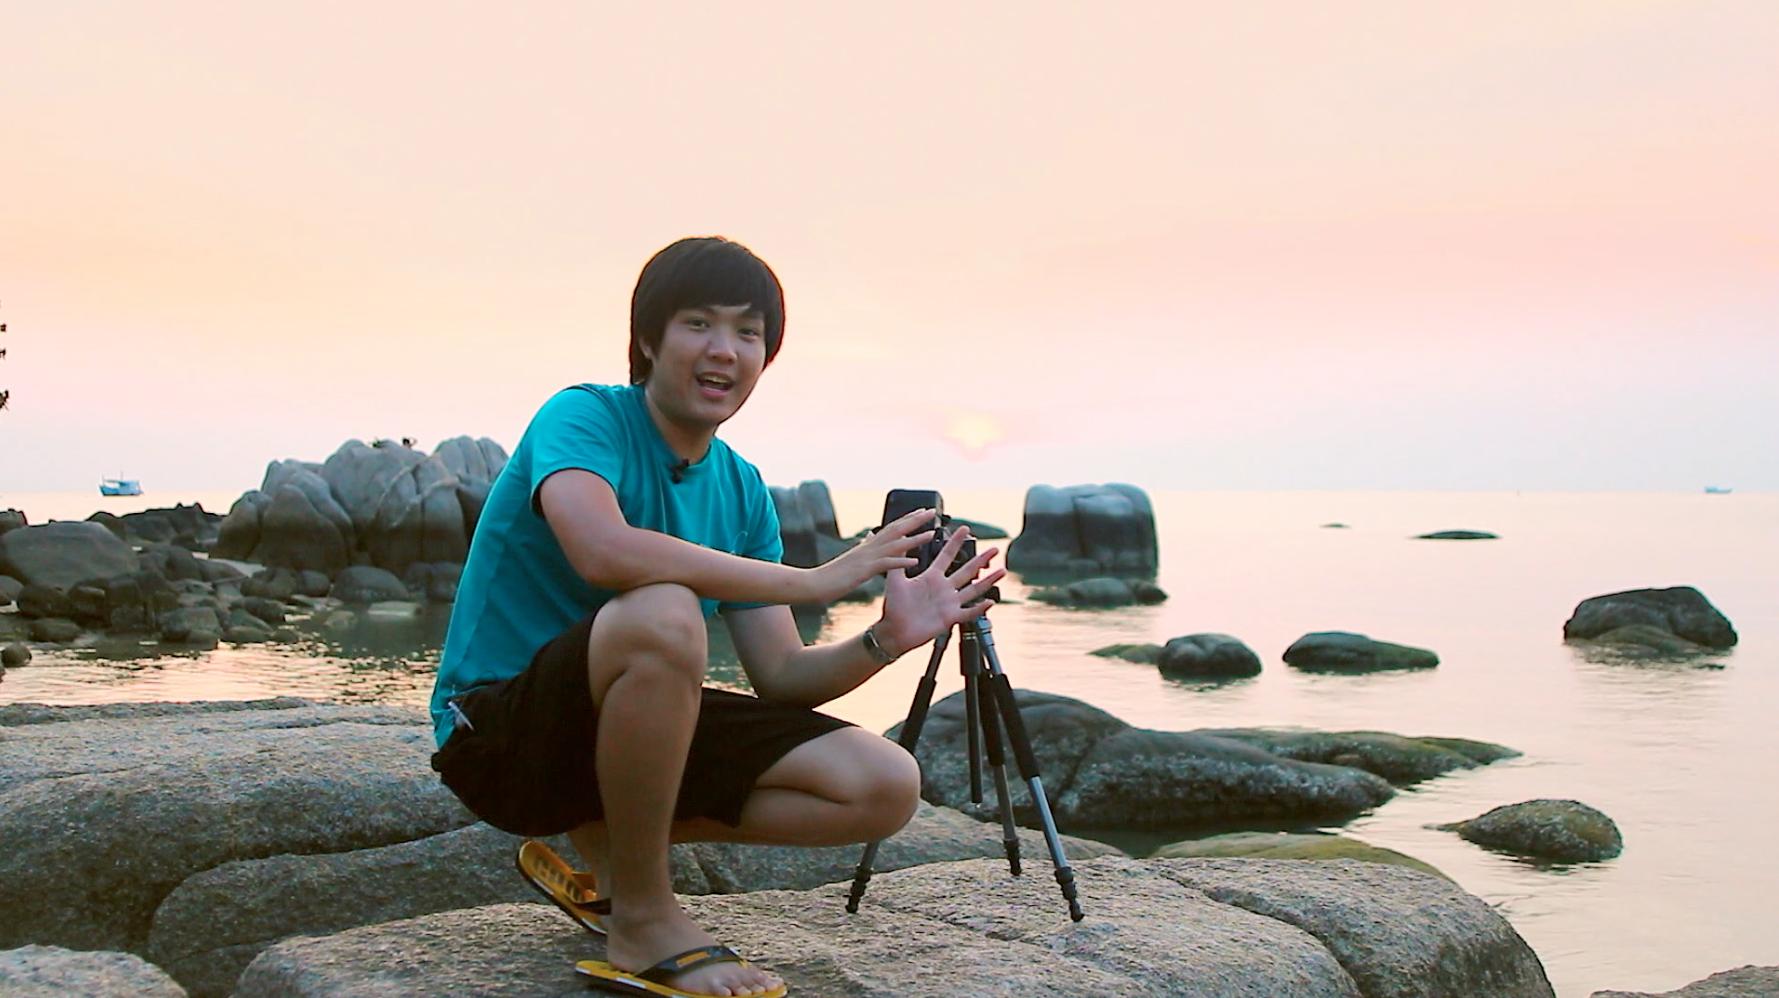 ถ่ายภาพพระอาทิตย์ตก, ถ่าย sunset, long exposure